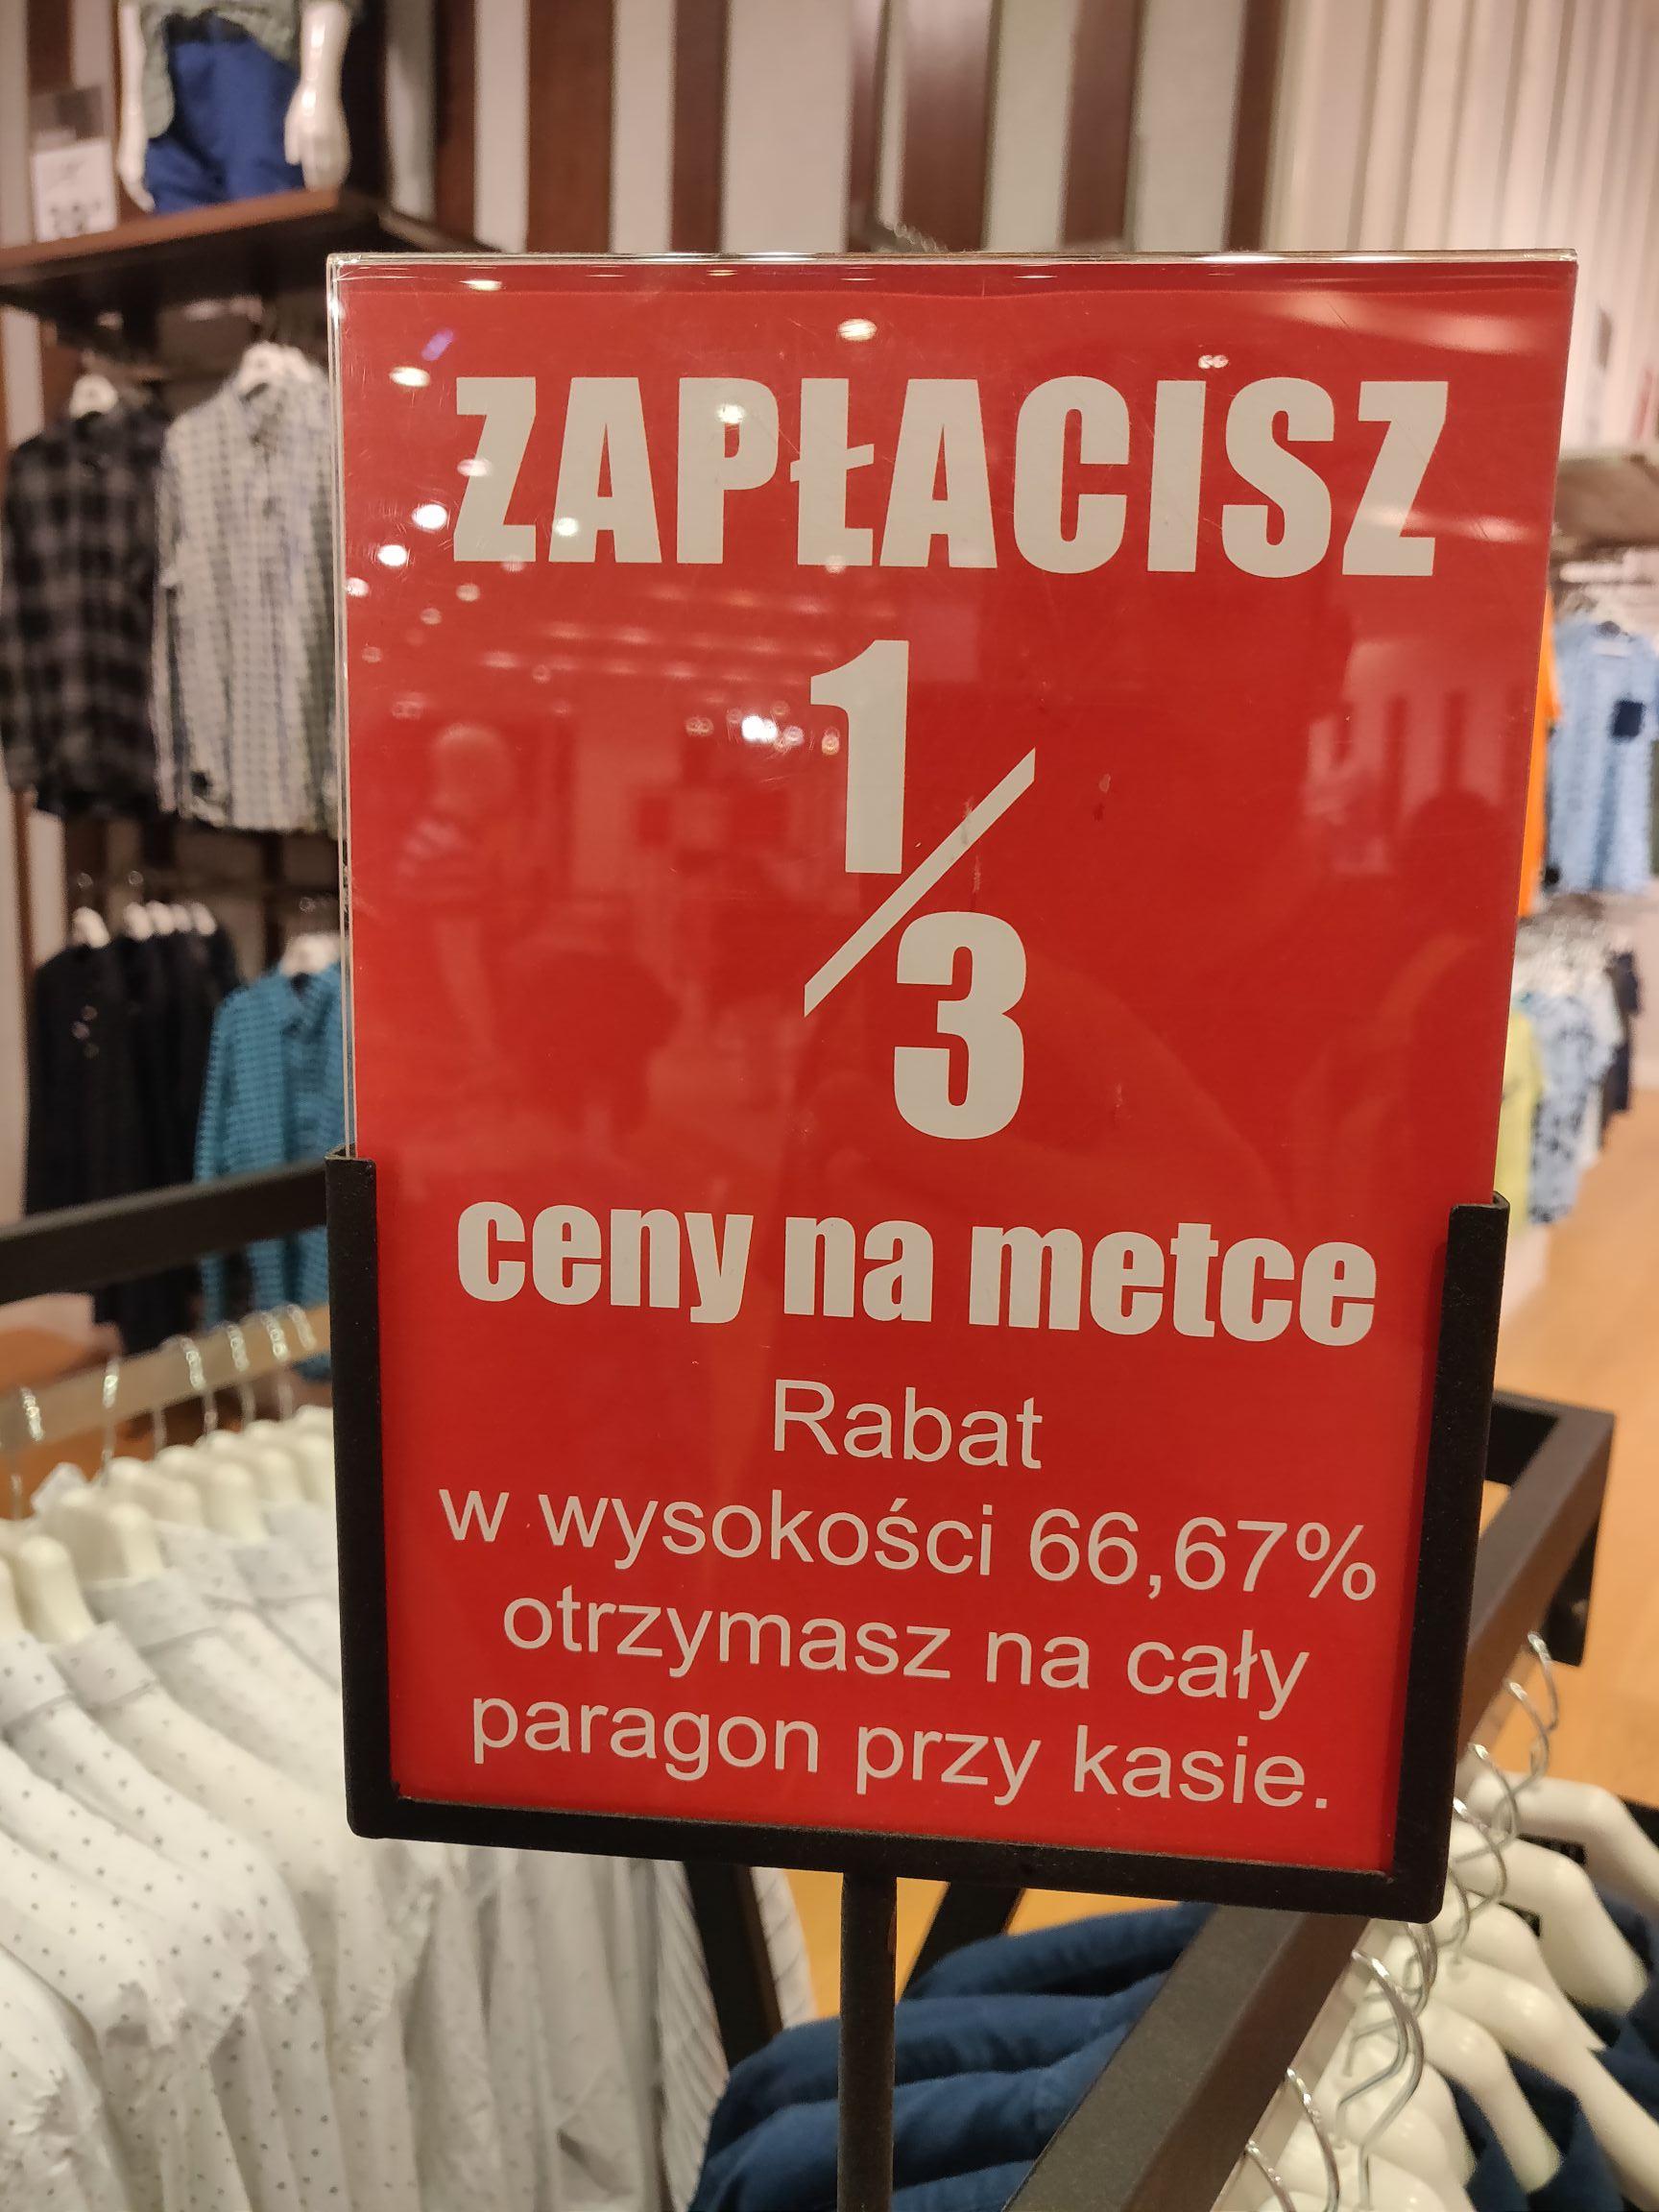 Carry - likwidacja kolekcji rabat 66.67% na paragon [Renoma Wrocław]